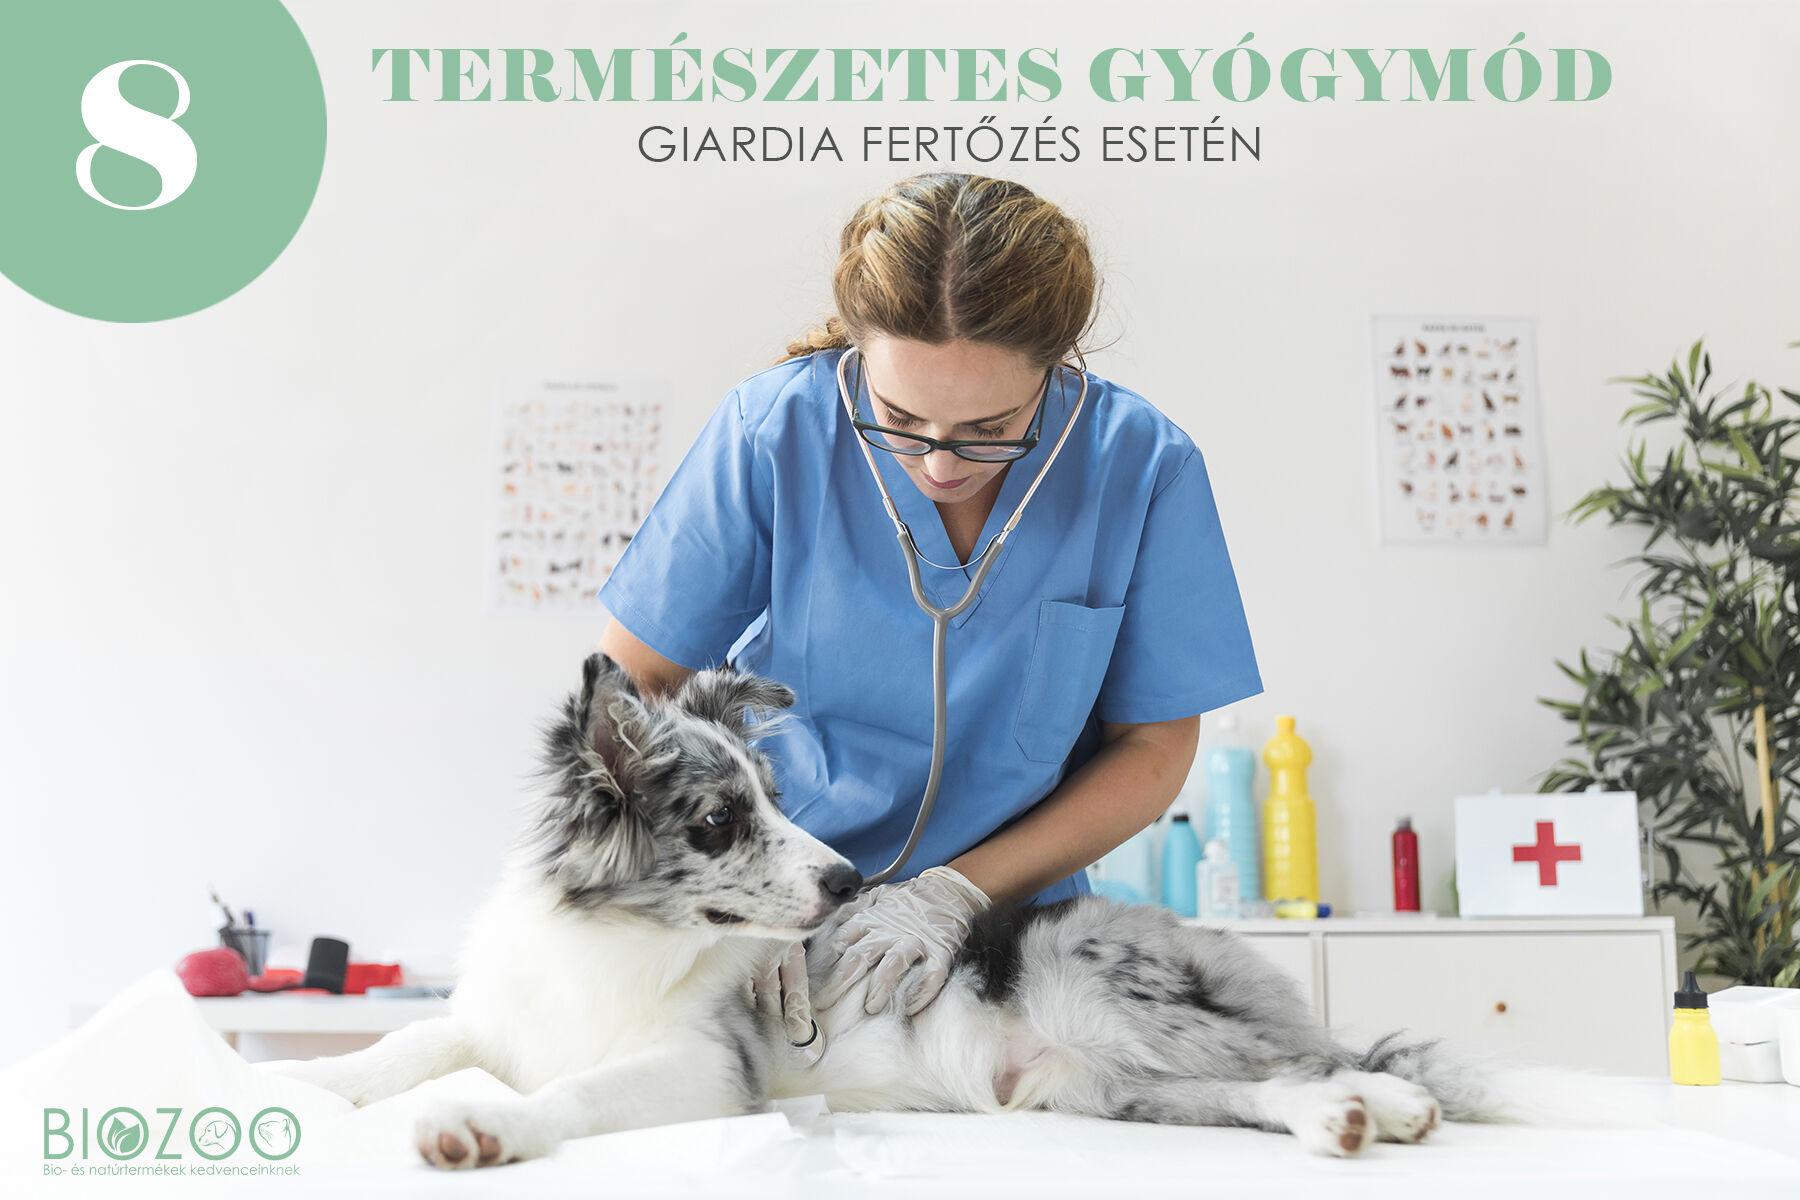 Dr. Radnai István (állatorvos) - A toll és a fecskendő összetartoznak: A giardiosis